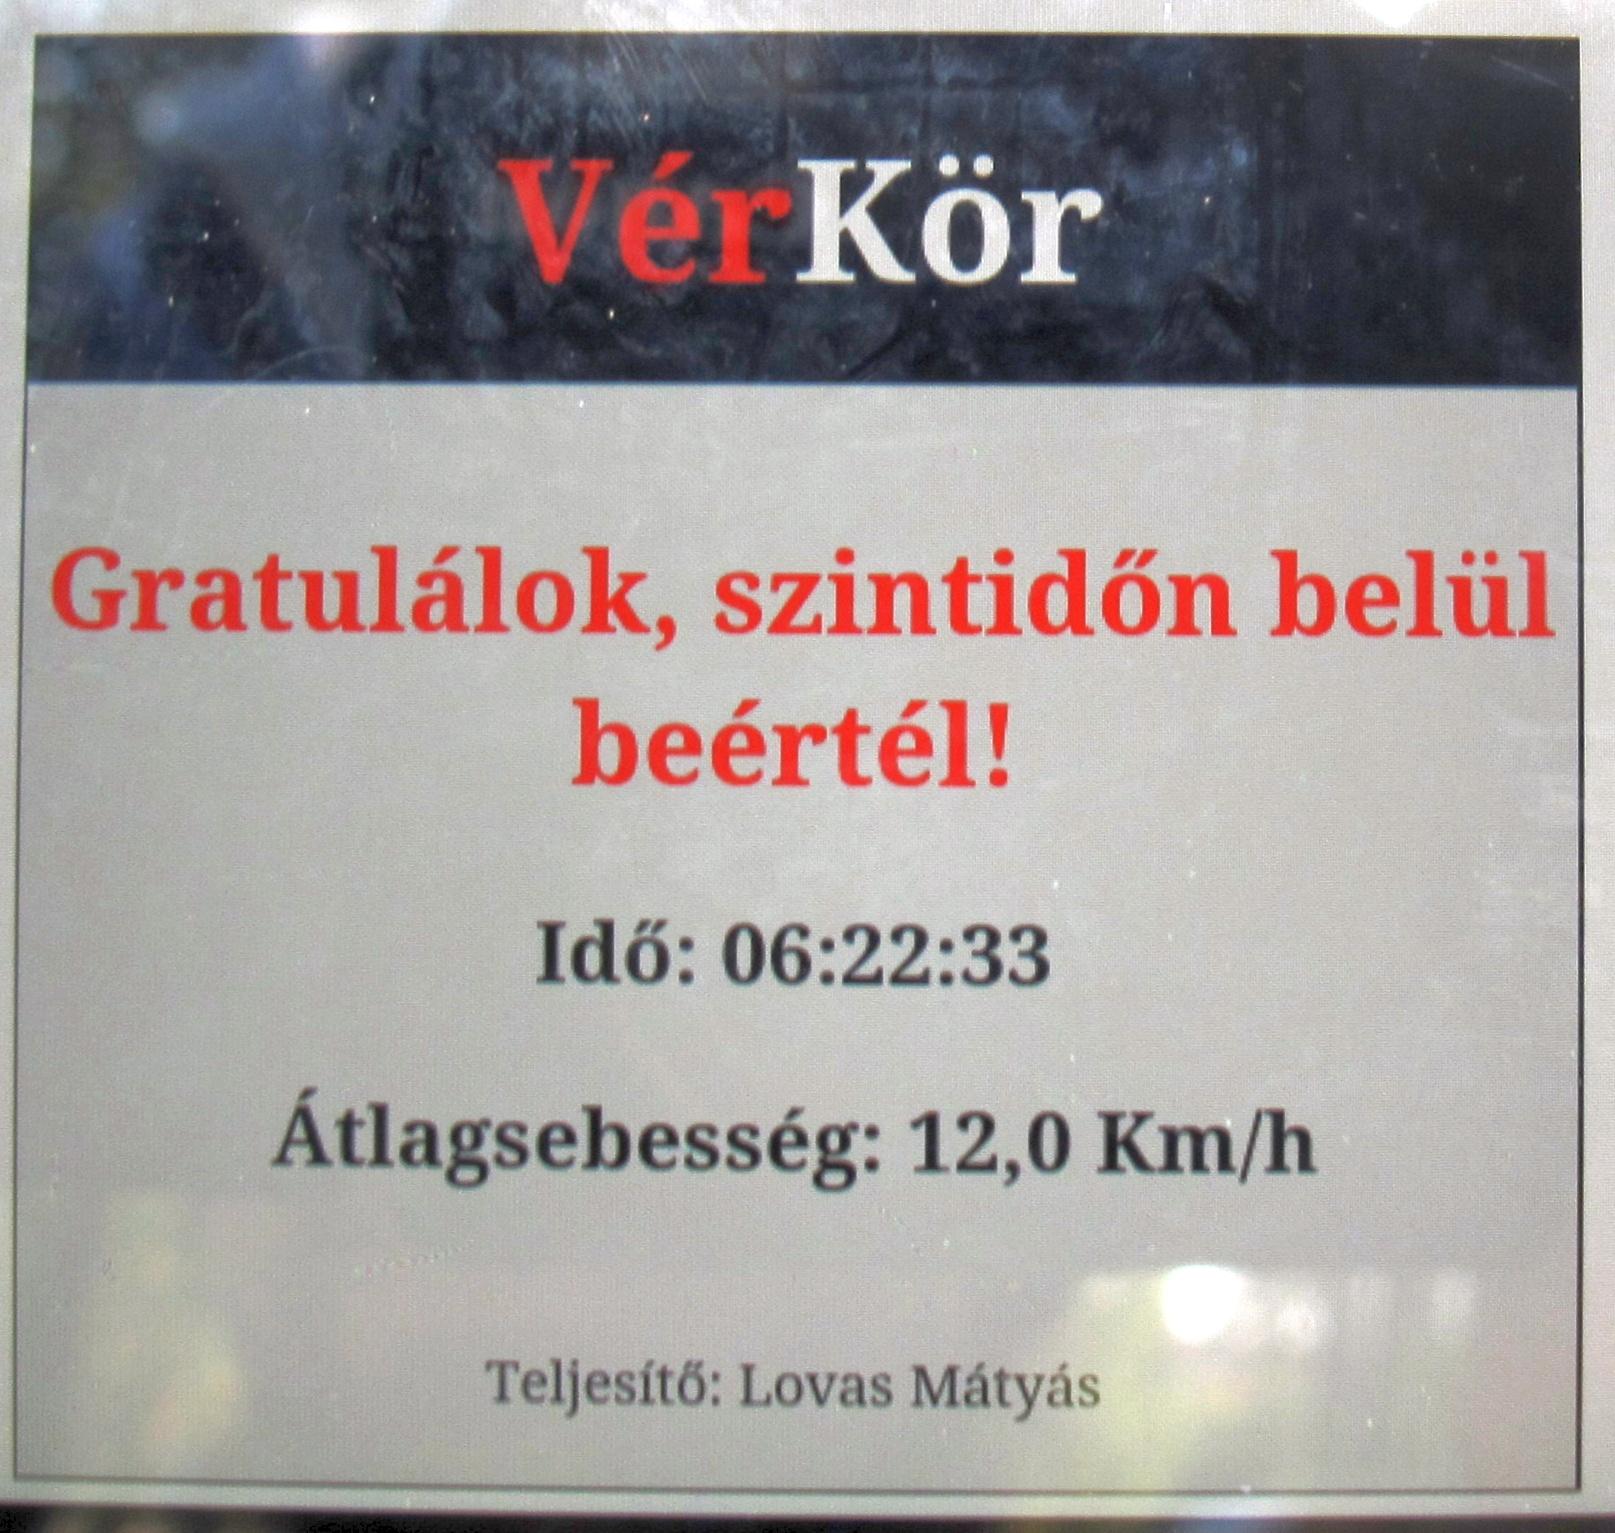 vk_gratu.jpg